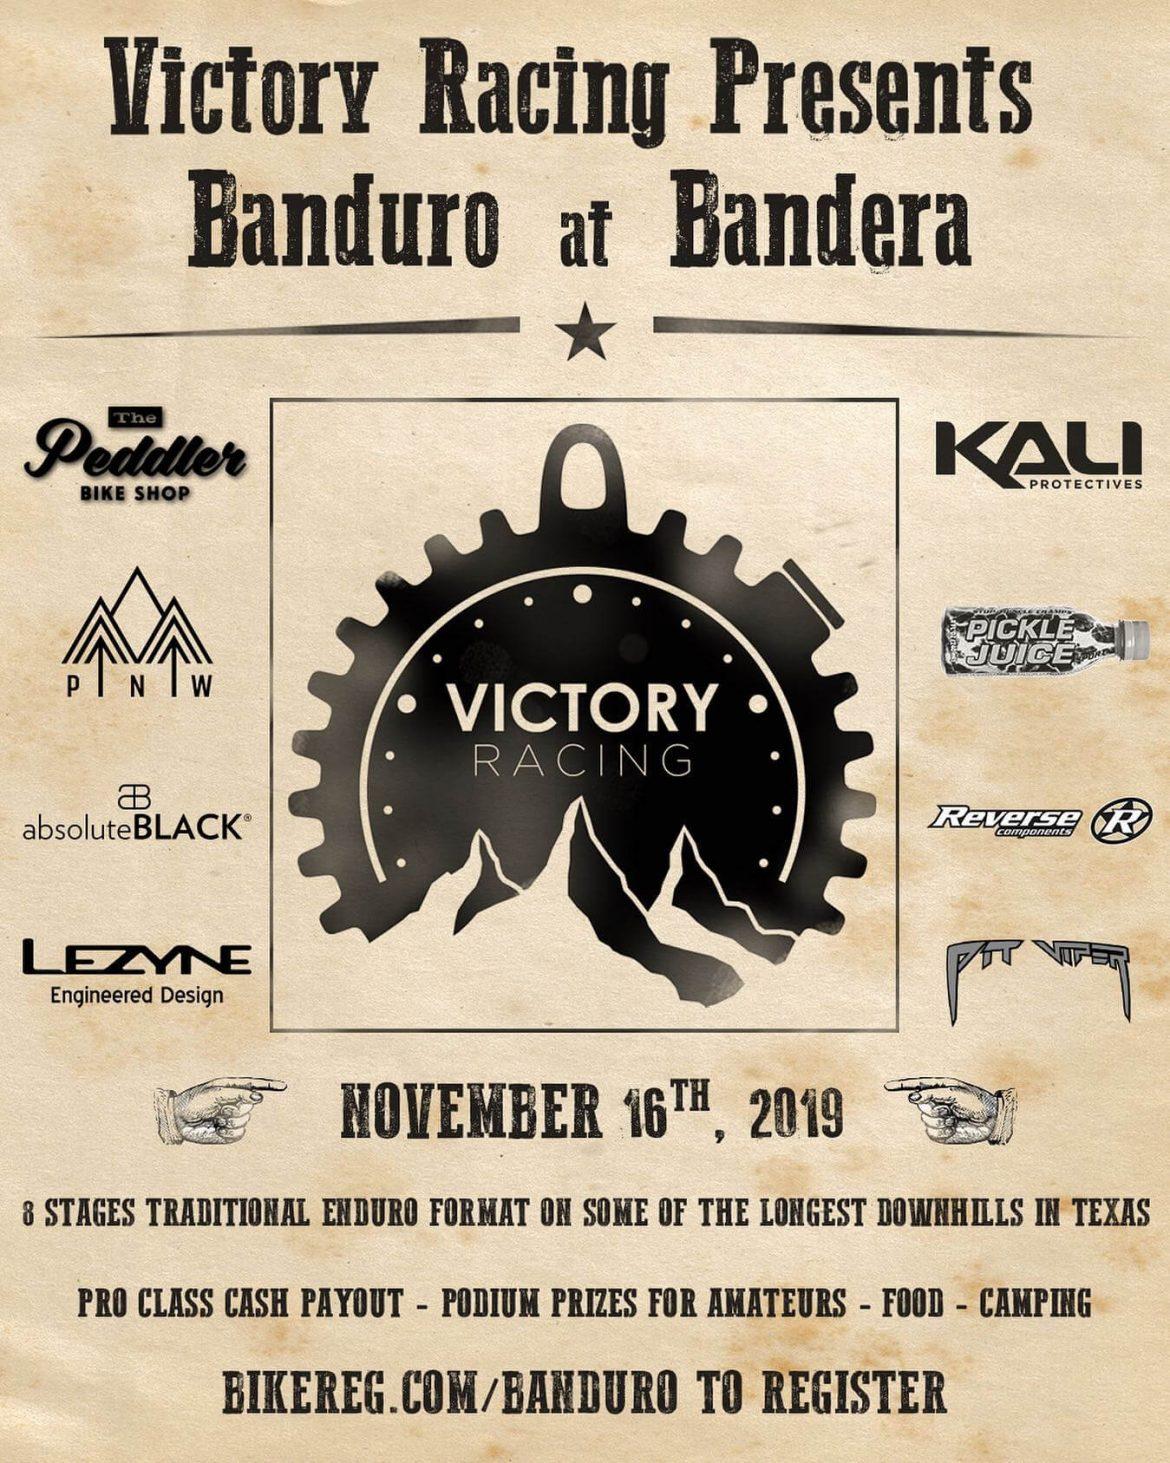 Victory Racing Presents Banduro at Bandera